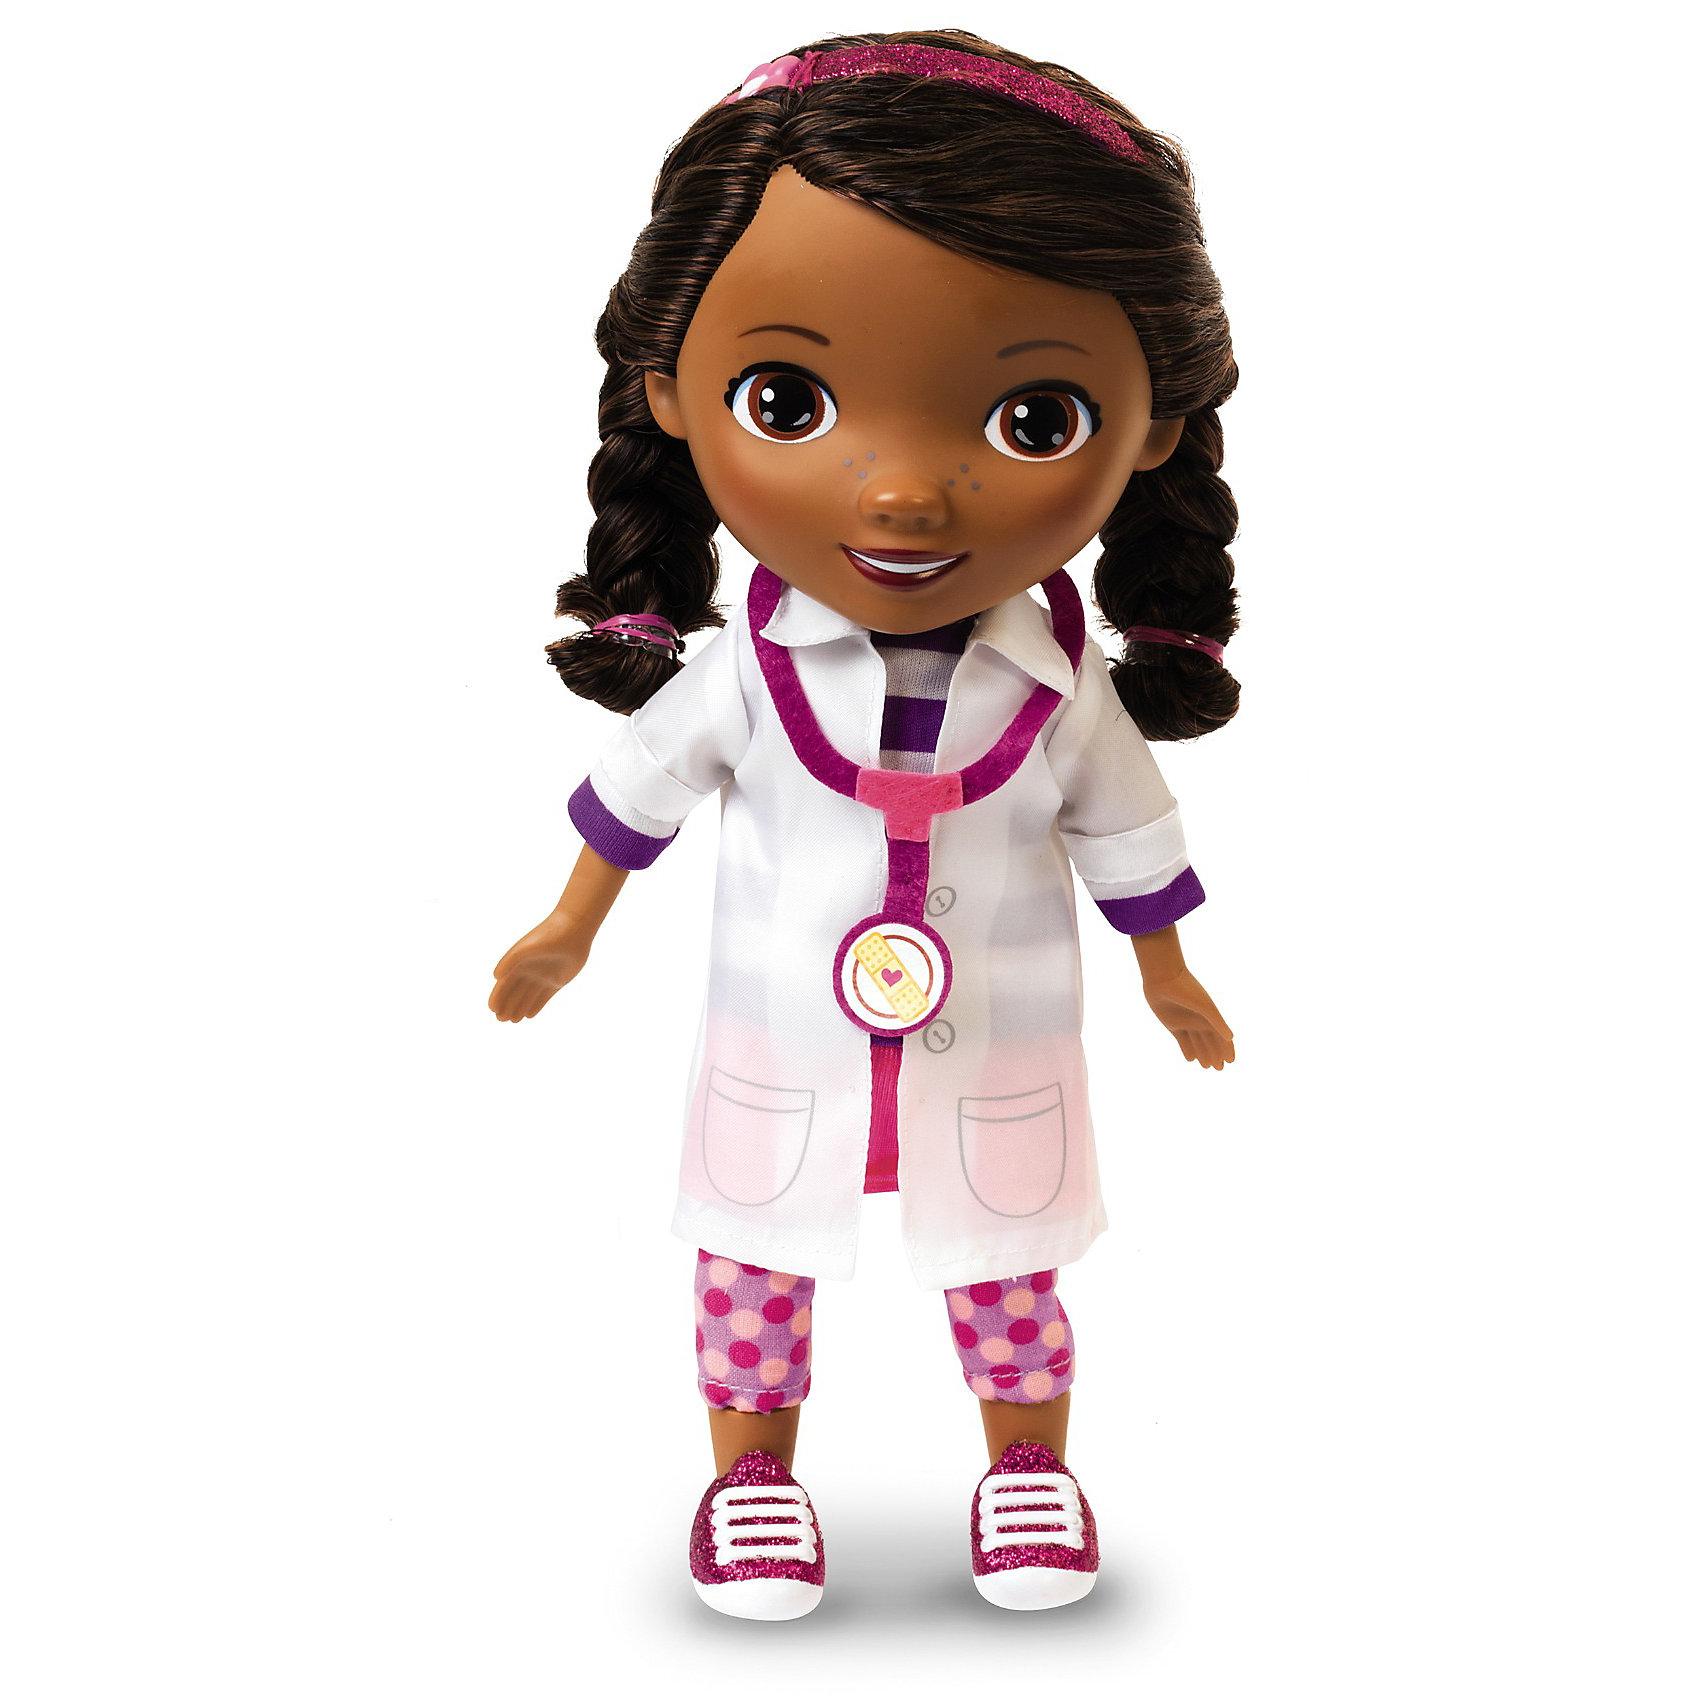 Игрушка Дотти, со звуком, 28 см, Доктор ПлюшеваИдеи подарков<br>Игрушка Дотти, Доктор Плюшева - станет приятным сюрпризом для всех юных поклонниц мультсериала Доктор Плюшева (Doc McStuffins). Девочка Дотти очень любит играть в доктора и лечить свои игрушки, она внимательно следит за здоровьем своих питомцев и всегда готова придти на помощь если кто-кто из них заболел. Куколка выглядит в точности как ее персонаж из мультфильма, она одета в белый халат, на шее стетоскоп.<br><br>Кукла может говорить 10 фраз из мультфильма и поет песенку Время осмотра. Возможен выбор языка (русский, английский или французский). В комплект также входят ободок для волос и гребешок. Тело куклы мягконабивное, голова и конечности пластиковые.<br><br>Дополнительная информация:<br><br>- Материал: пластмасса, текстиль, картон.<br>- Требуются батарейки. <br>- Высота куклы: 28 см.<br>- Размер упаковки: 11 х 31 х 21 см.<br>- Вес: 0,572 кг.<br><br>Игрушку Дотти, со звуком, Доктор Плюшева можно купить в нашем интернет-магазине.<br><br>Ширина мм: 210<br>Глубина мм: 110<br>Высота мм: 310<br>Вес г: 572<br>Возраст от месяцев: 36<br>Возраст до месяцев: 72<br>Пол: Женский<br>Возраст: Детский<br>SKU: 3712223